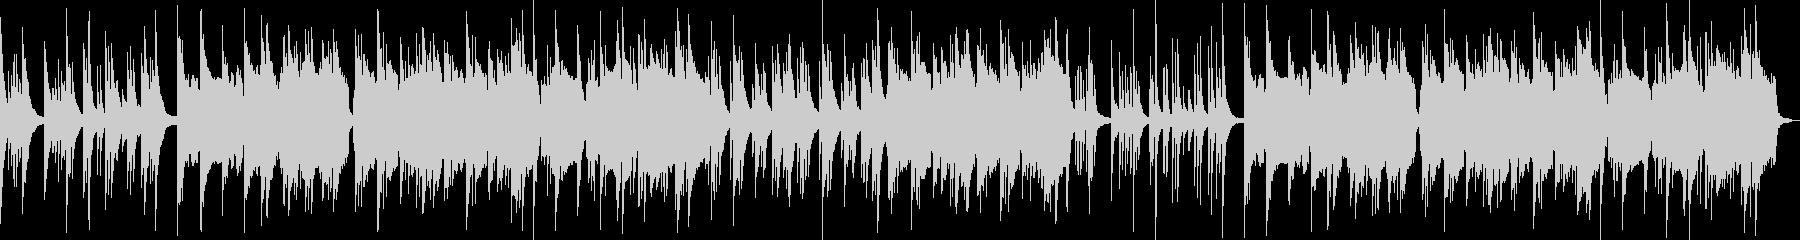 ほのぼのしたバラード音楽の未再生の波形